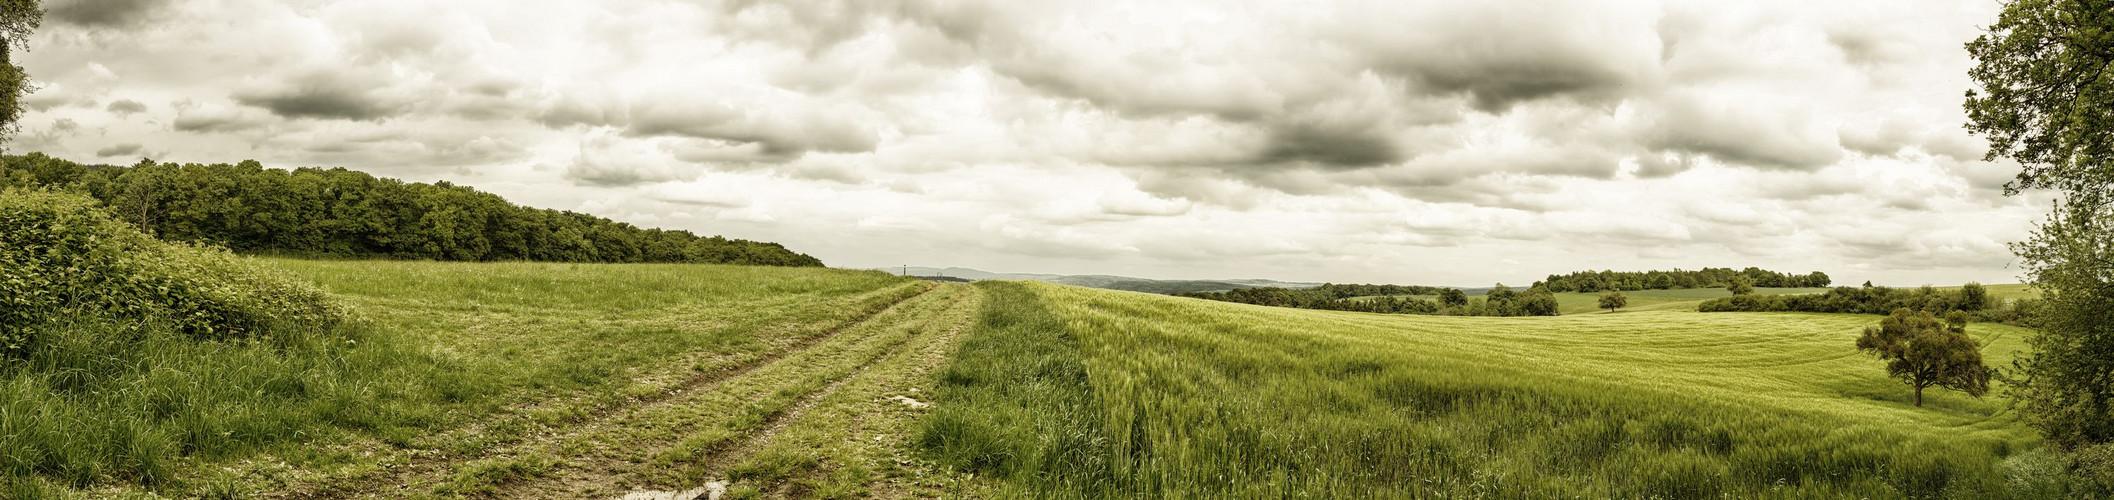 Panorama eines Feldes auf dem Traumpfad Wolfsdelle bei Rhens